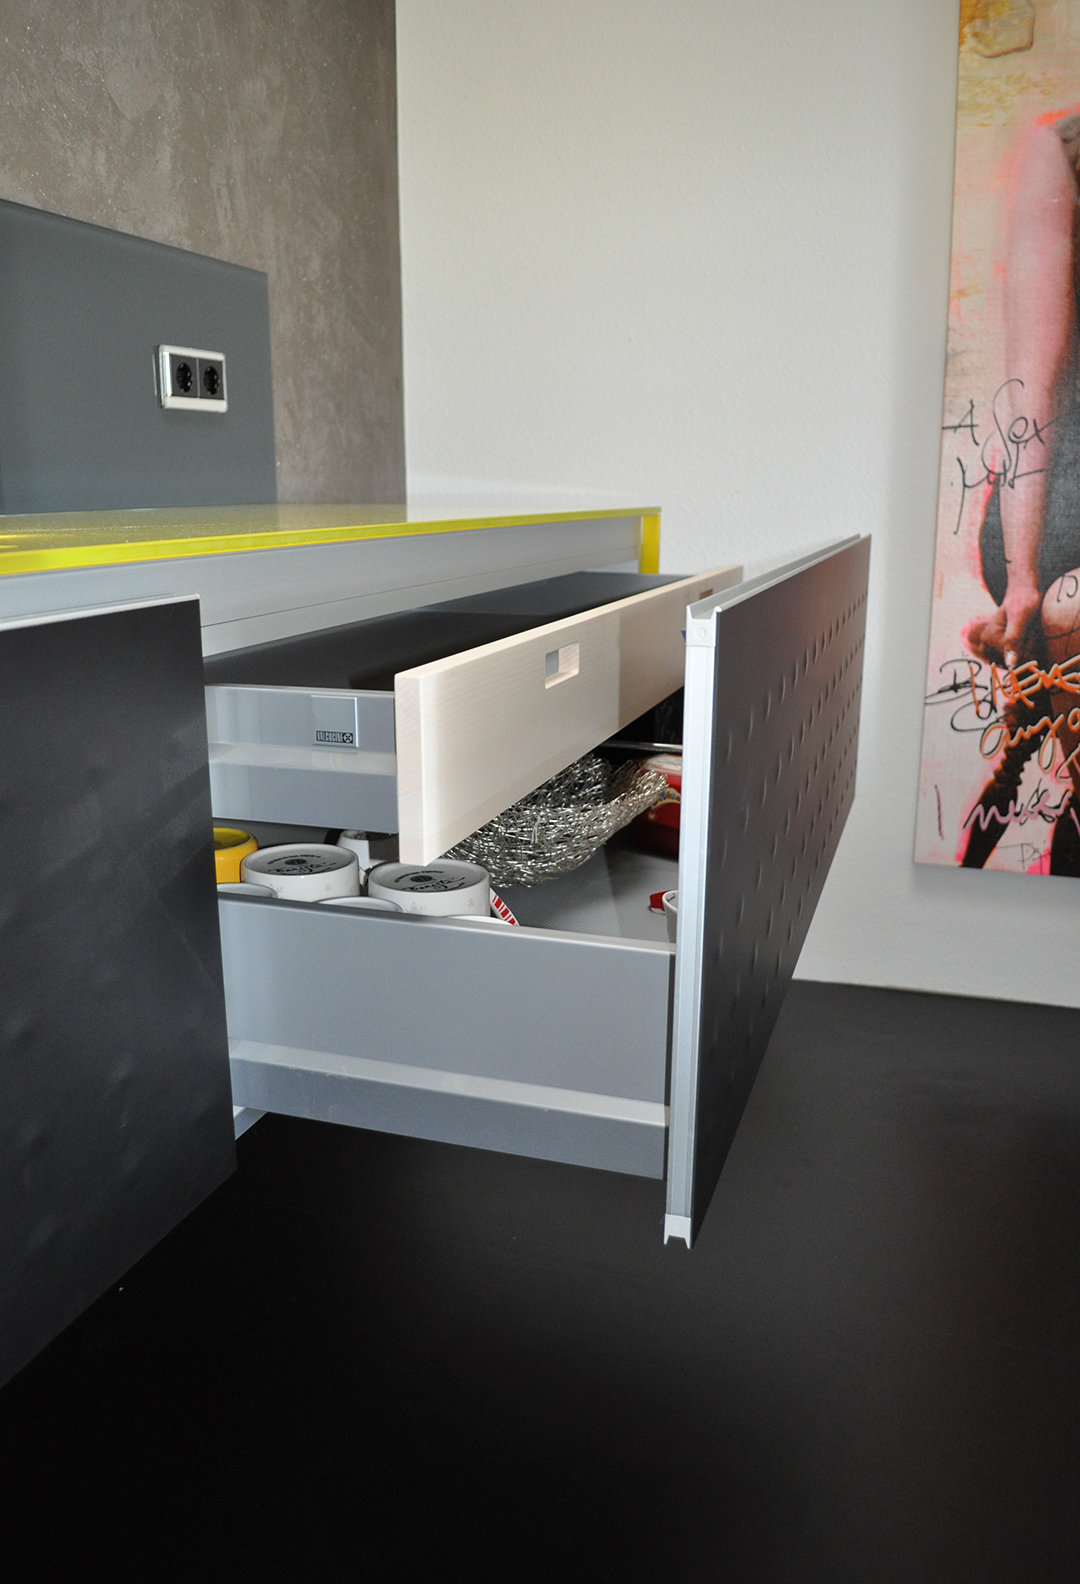 Florian gross design studio for Wohndesign reutlingen